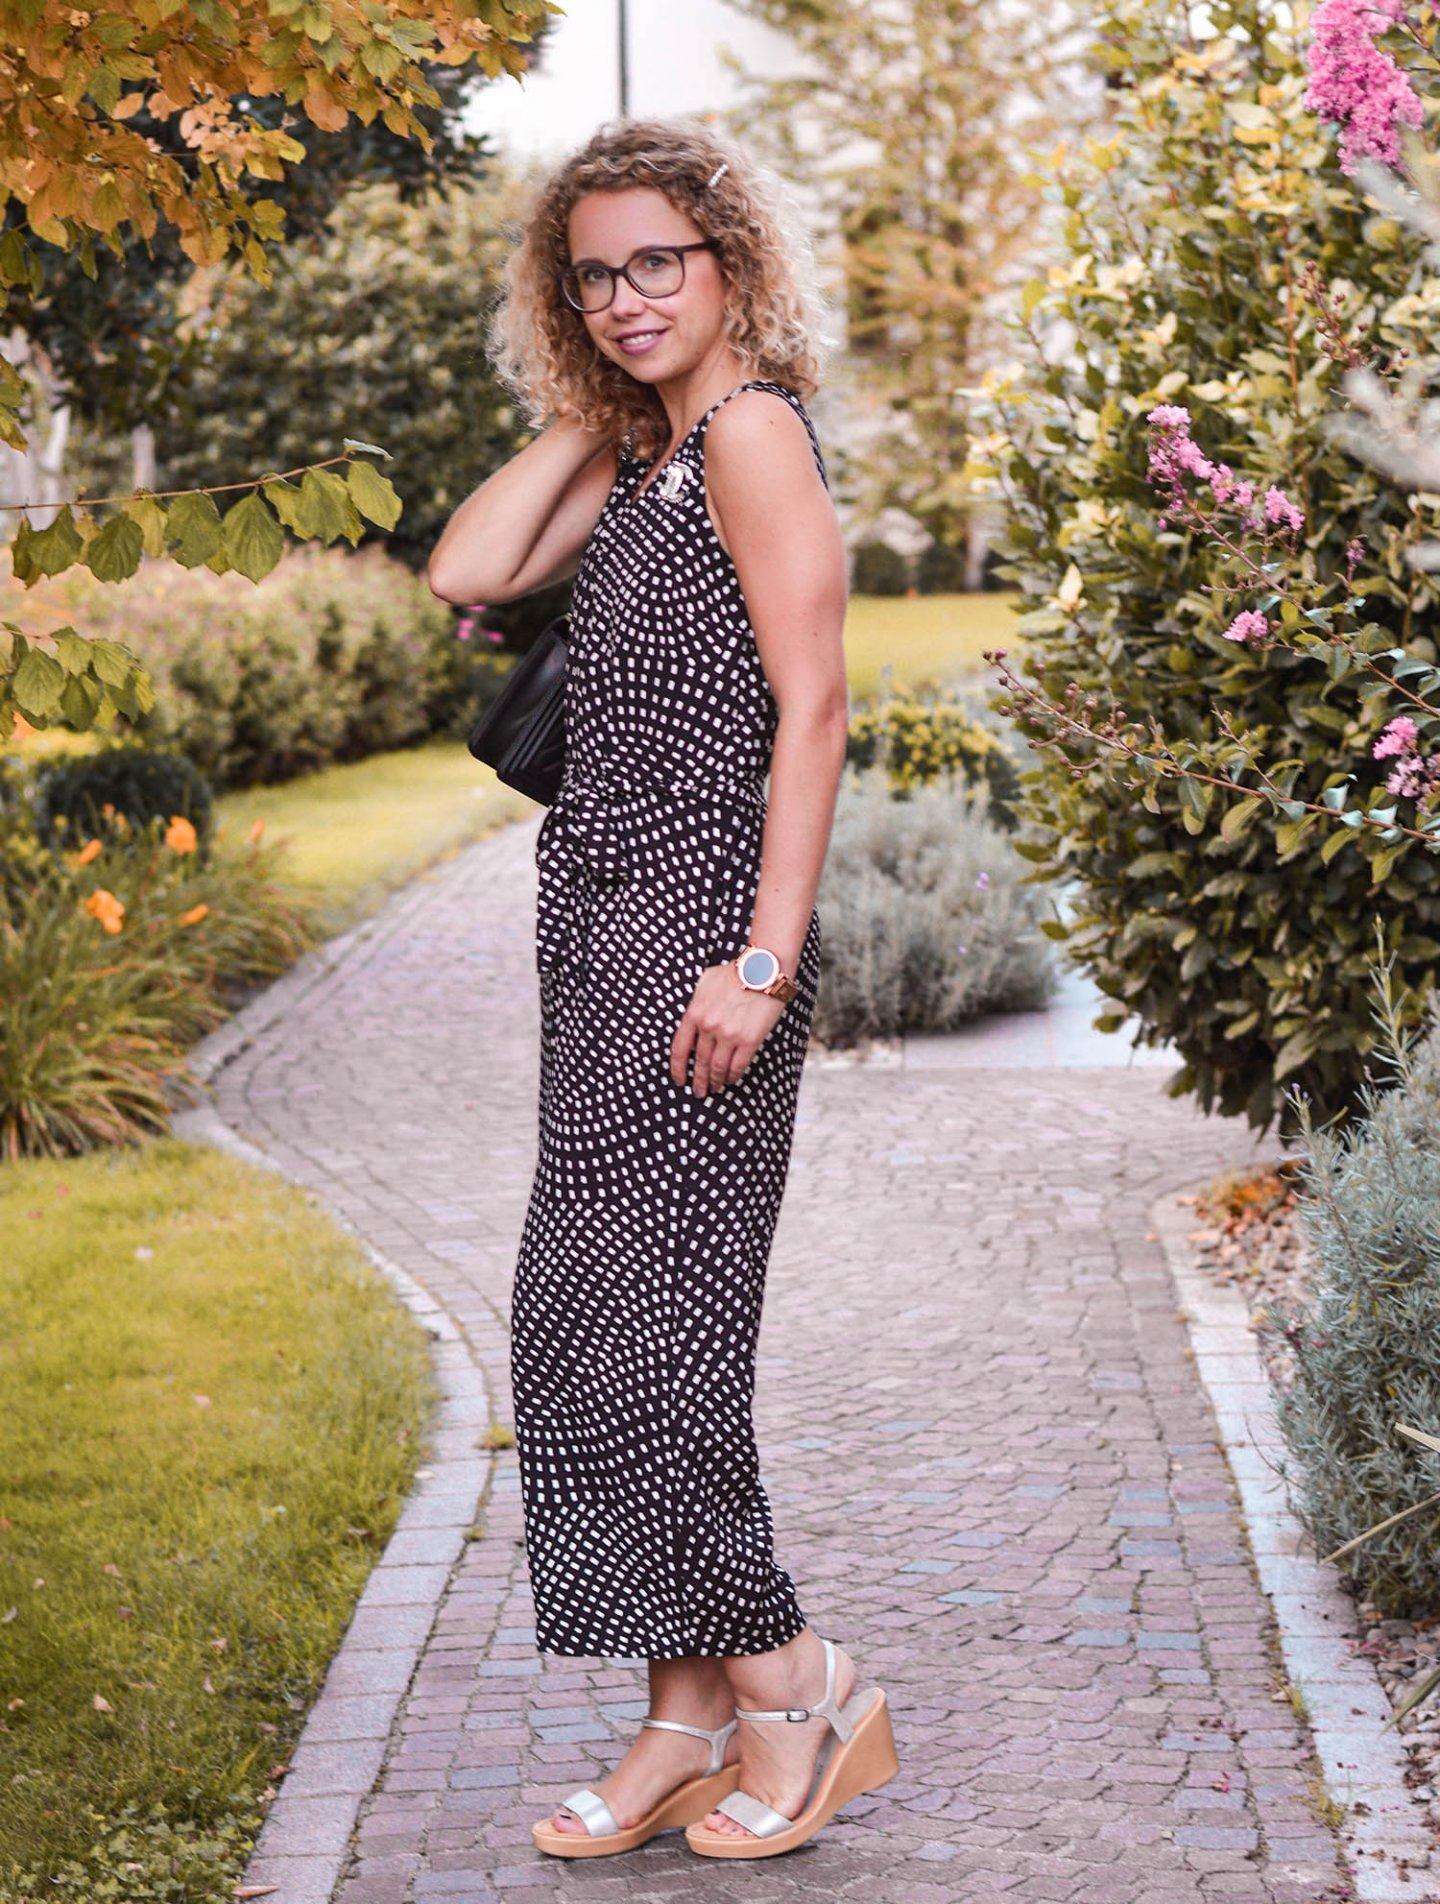 Eleganter Jumpsuit mit Chanel Boy Bag für ein Dinner im Hotel Hohenwart, Südtirol